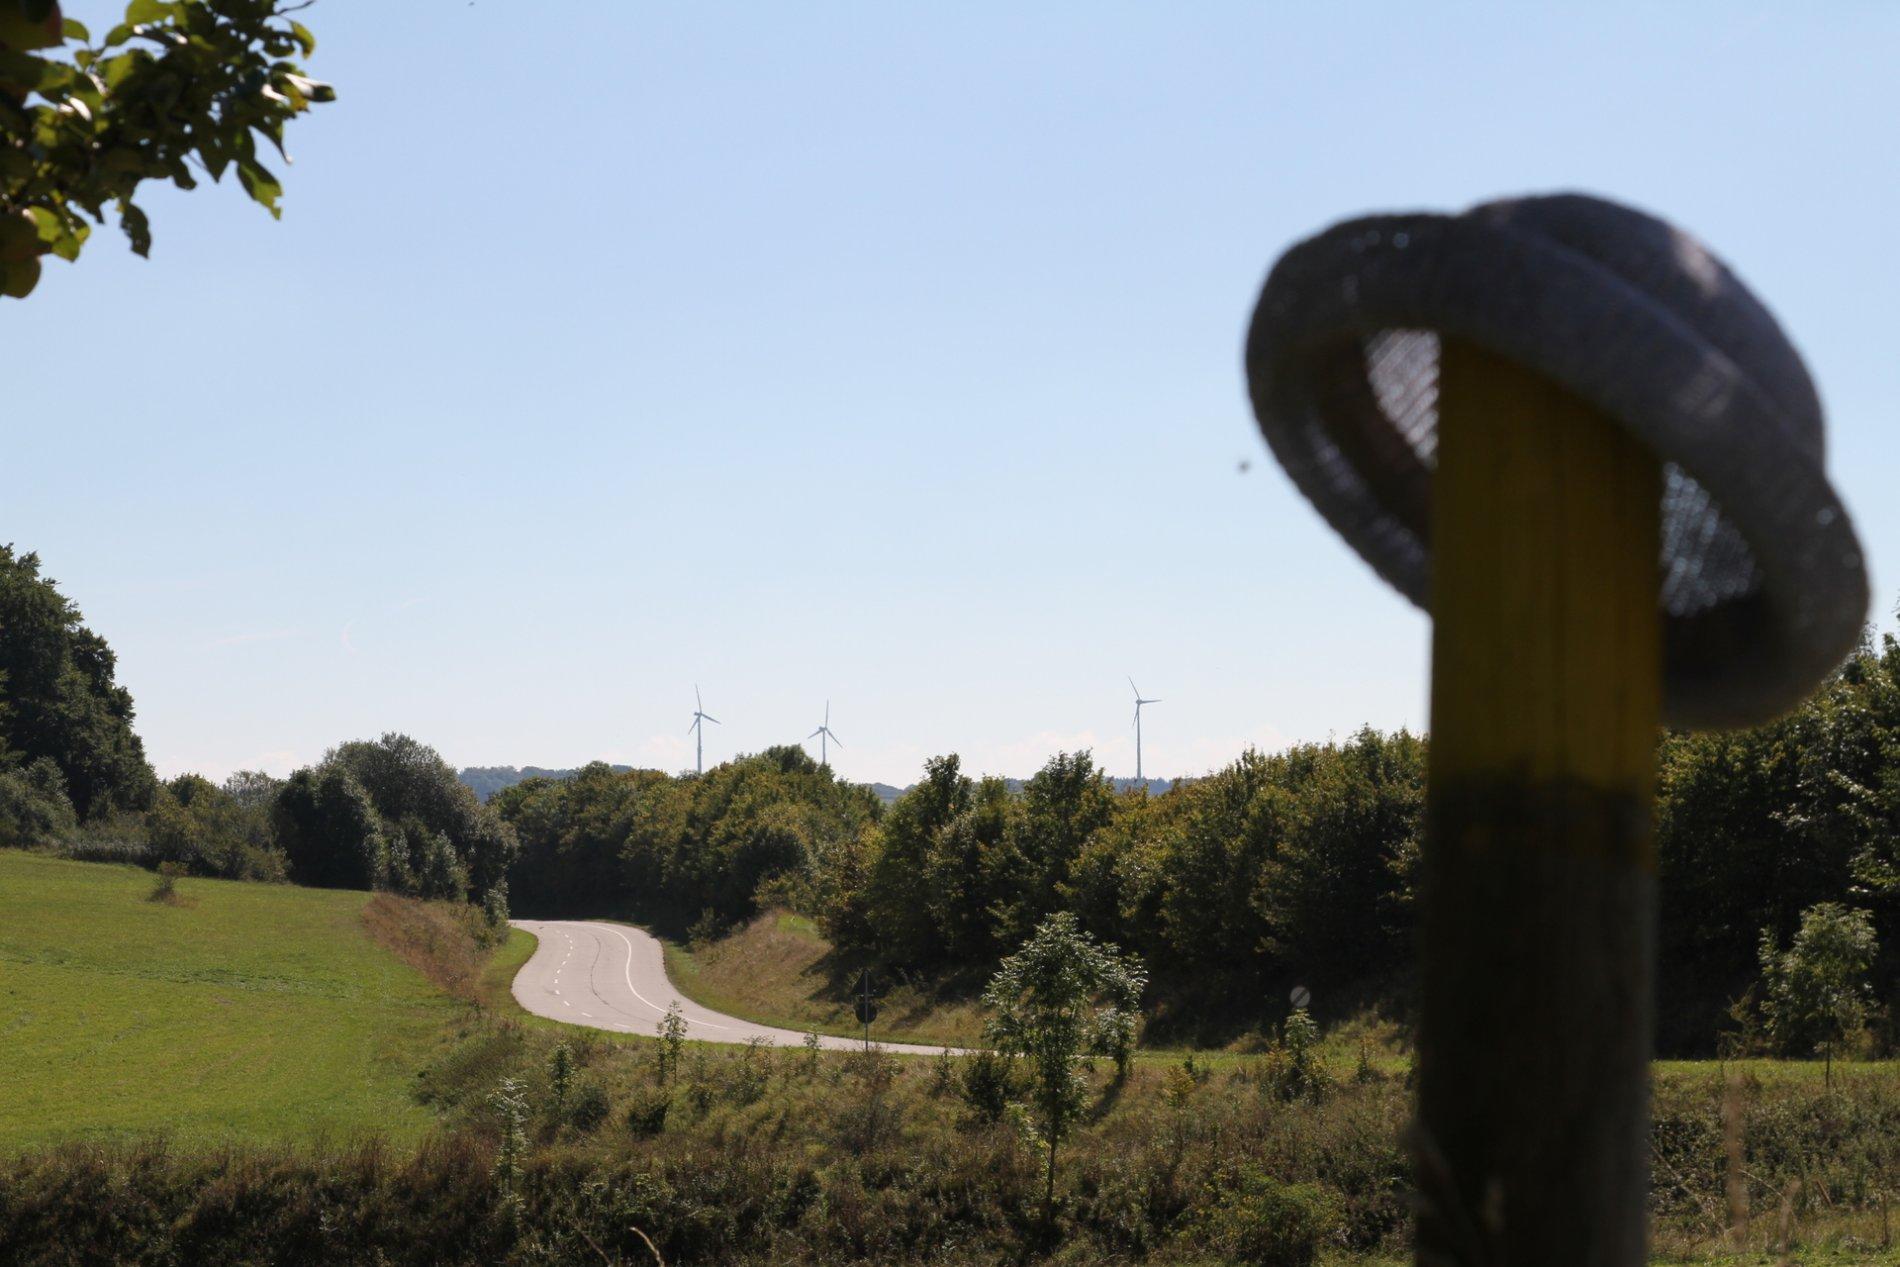 Eine Straße führt durch eine grüne Sommerlandschaft. Im HIntergrund sind drei Weindräder. Im Vordergrund ist verschwommen ein Hut, der auf einem Holzpflock hängt.